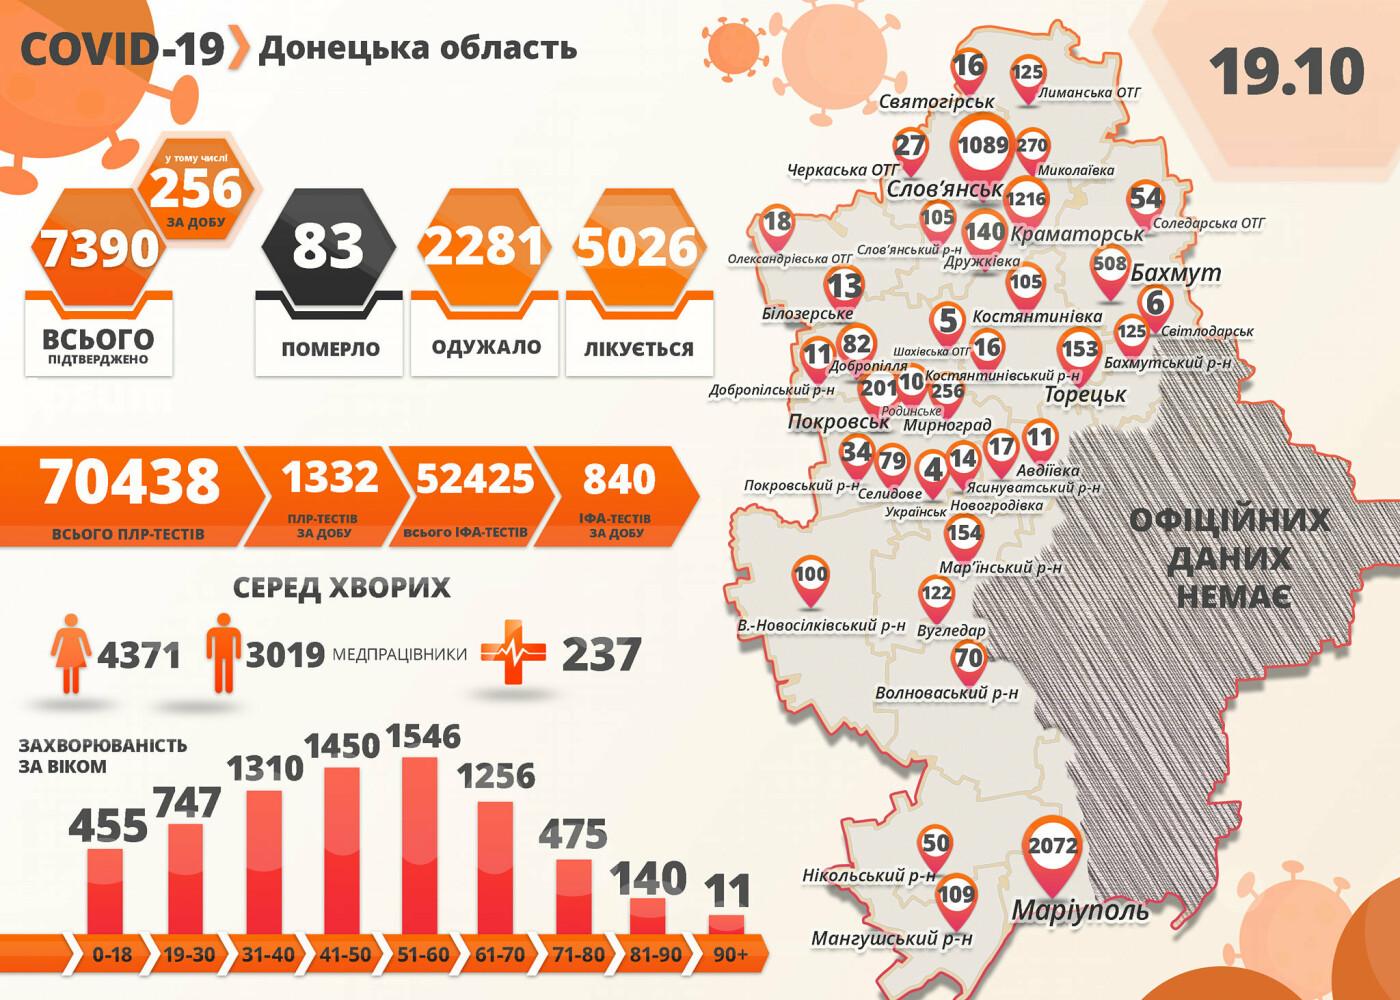 В Донецкой области 256 новых случаев коронавируса за сутки, фото-1